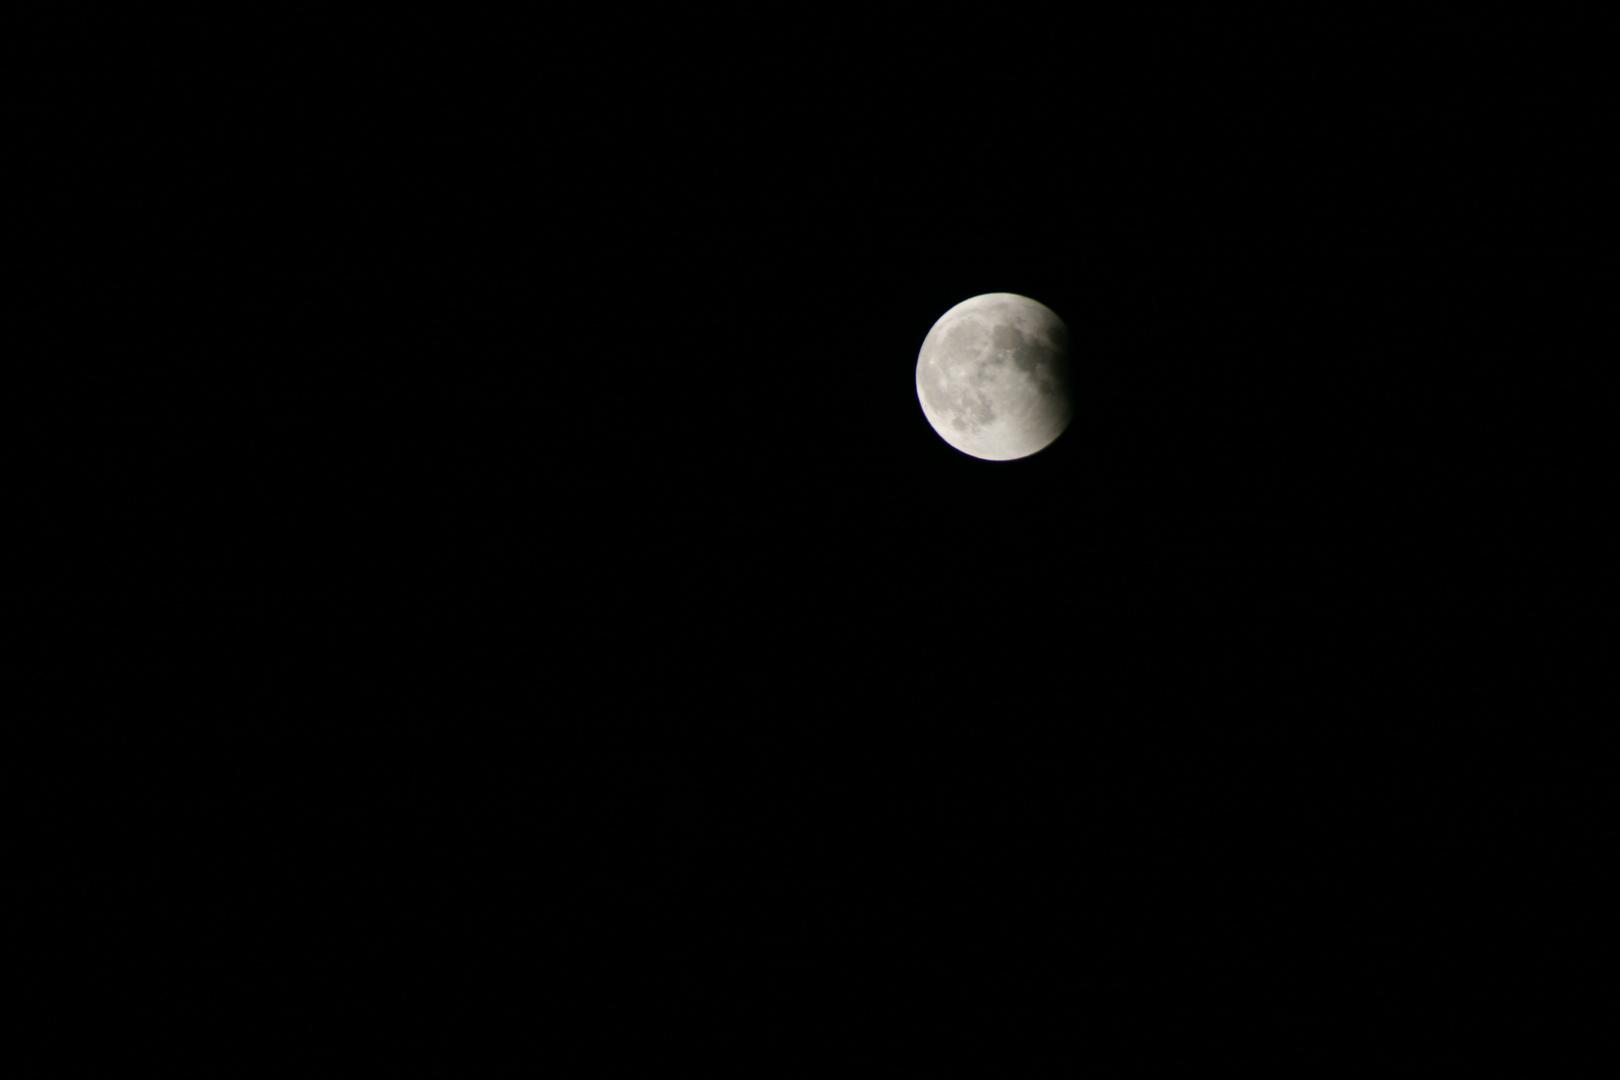 ... und fast wieder der Alte ... bleiche Mond ...